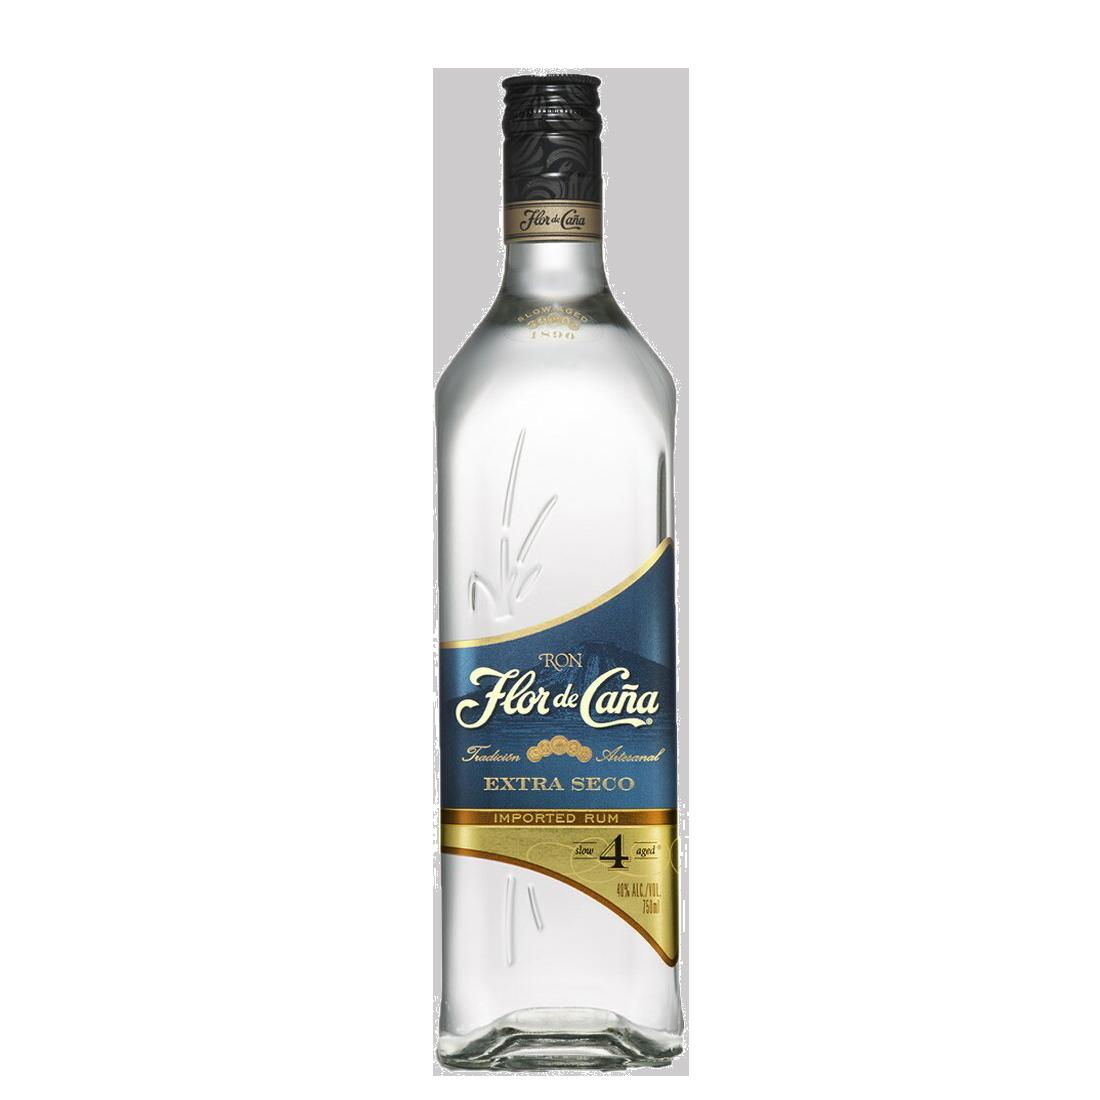 Flor de Cana 4yr White Rum